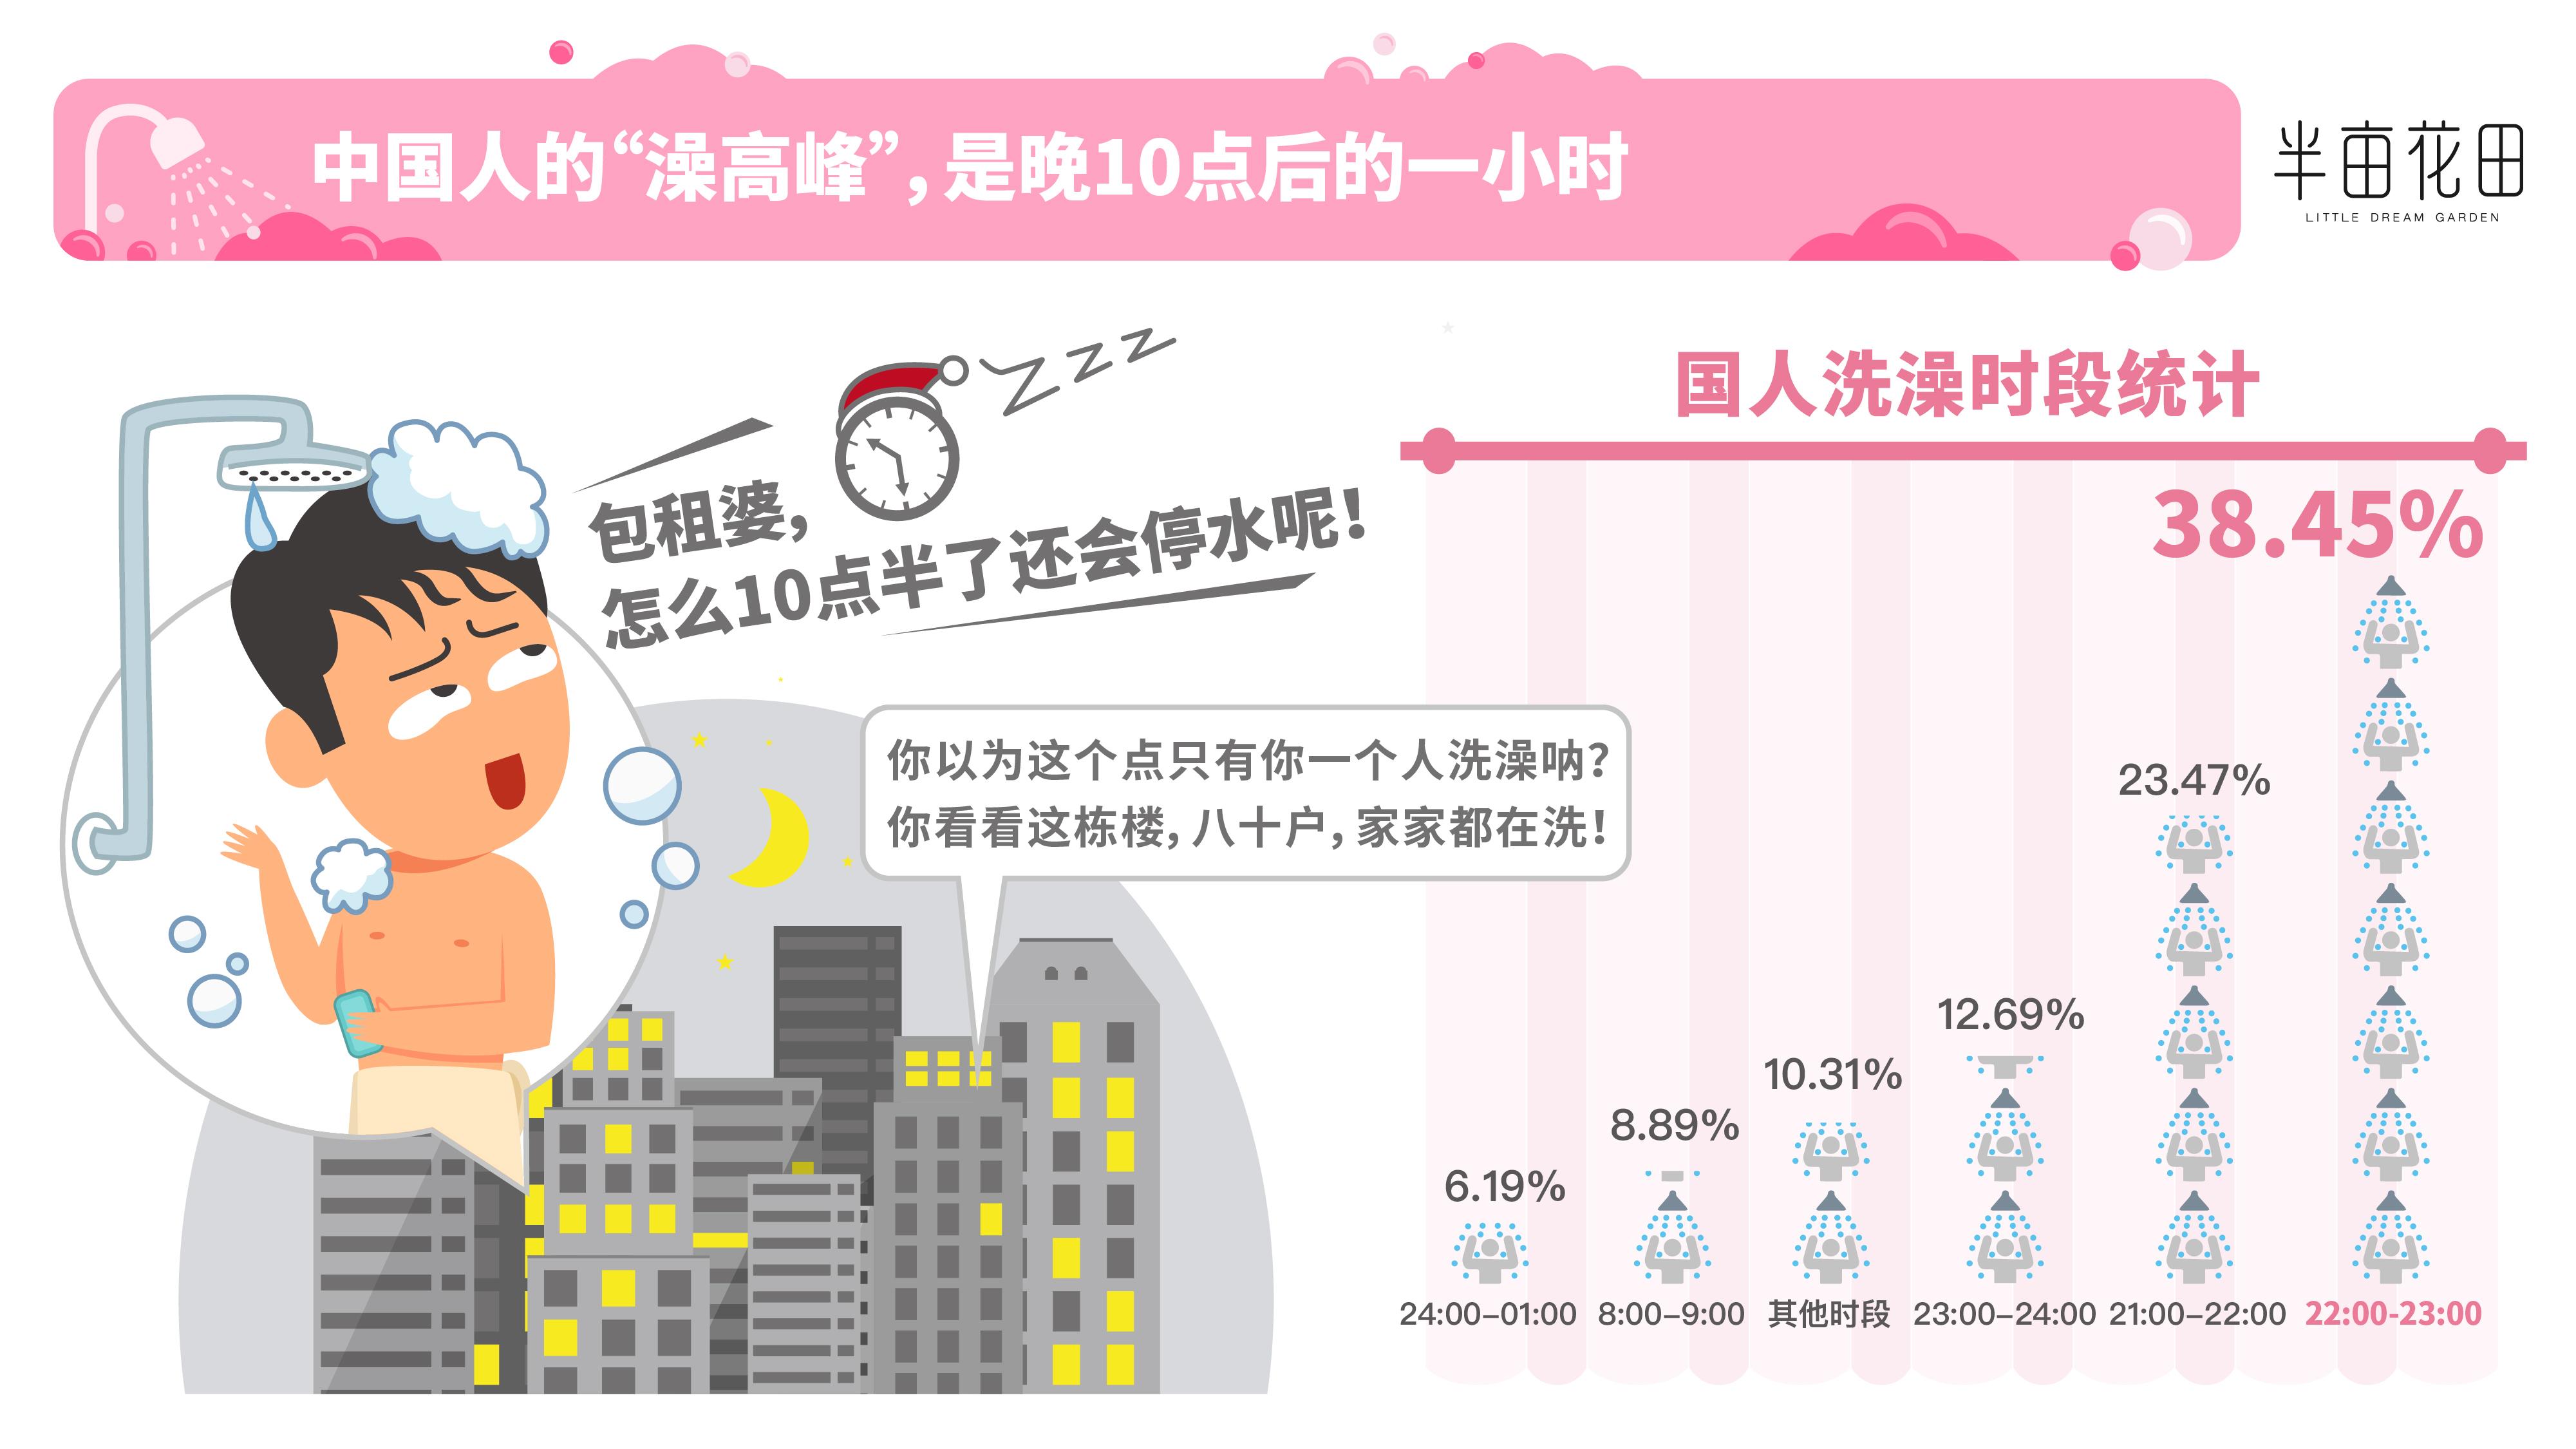 半亩花田发布《2019中国人洗澡大数据报告》